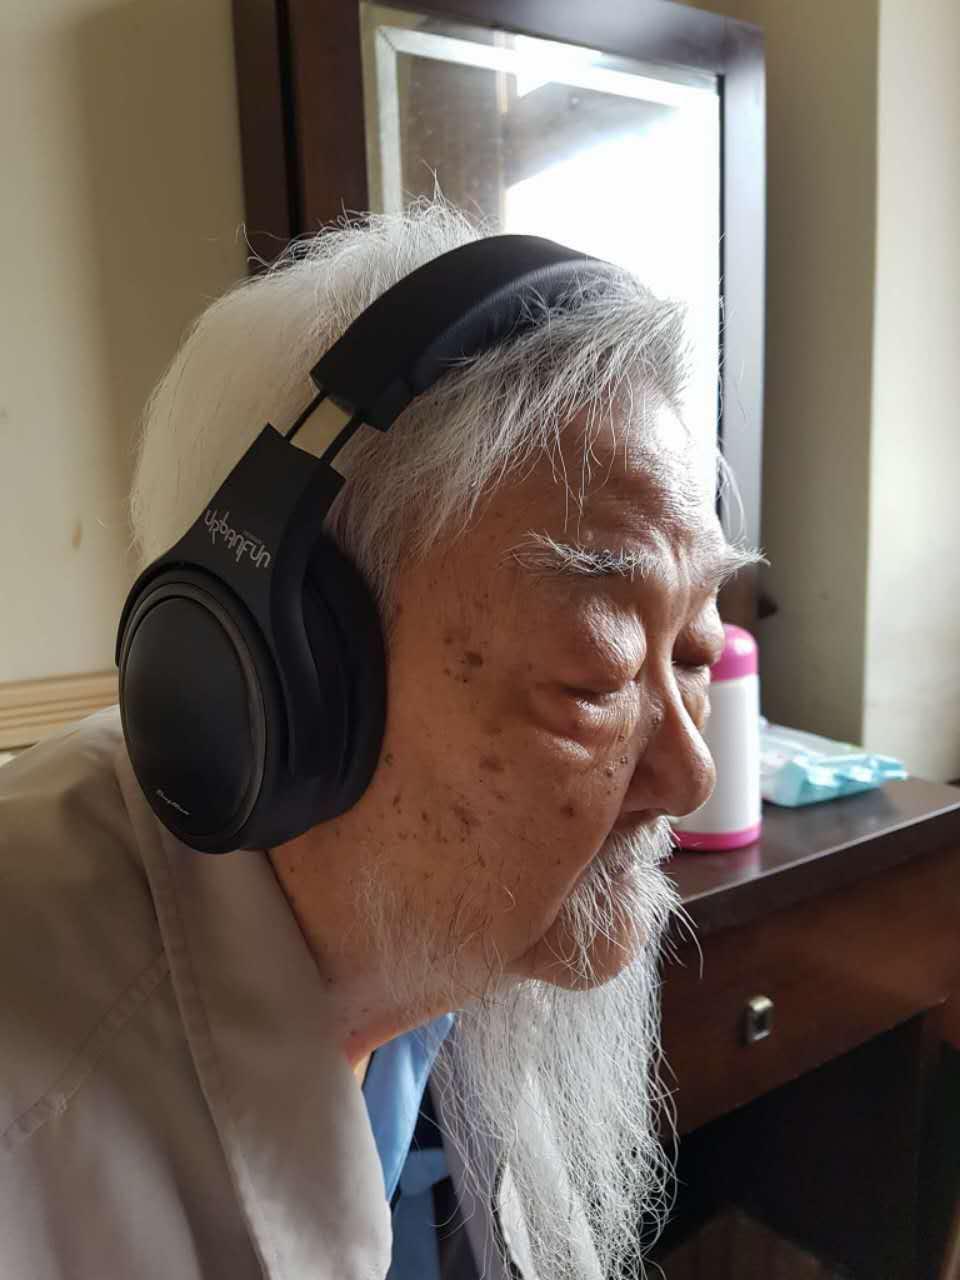 URBANFUN_Urbanfun Trandsound ONE HiFi casque 45mm béryllium diaphragme bandeau stéréo Mi casque haute qualité écouteurs - 6